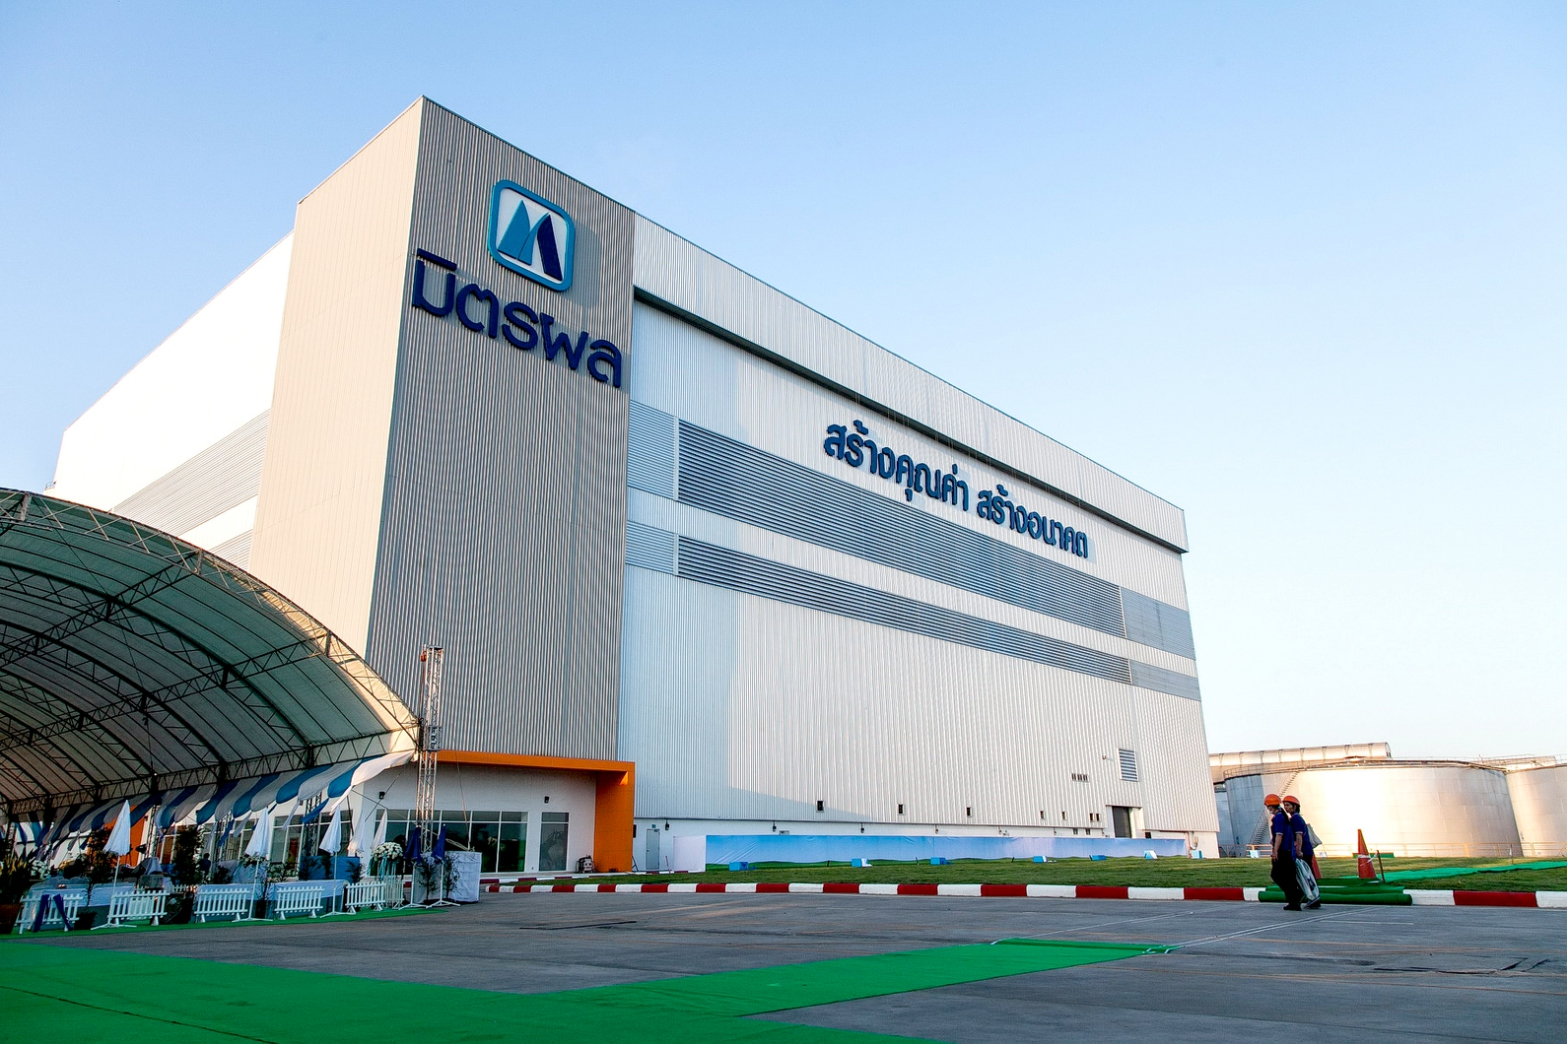 7 โรงงานน้ำตาล กลุ่มมิตรผล คว้าใบรับรอง IPHA ตอกย้ำมาตรฐานการผลิตปลอดภัย ห่างไกล COVID-19 สำนักพิมพ์แม่บ้าน